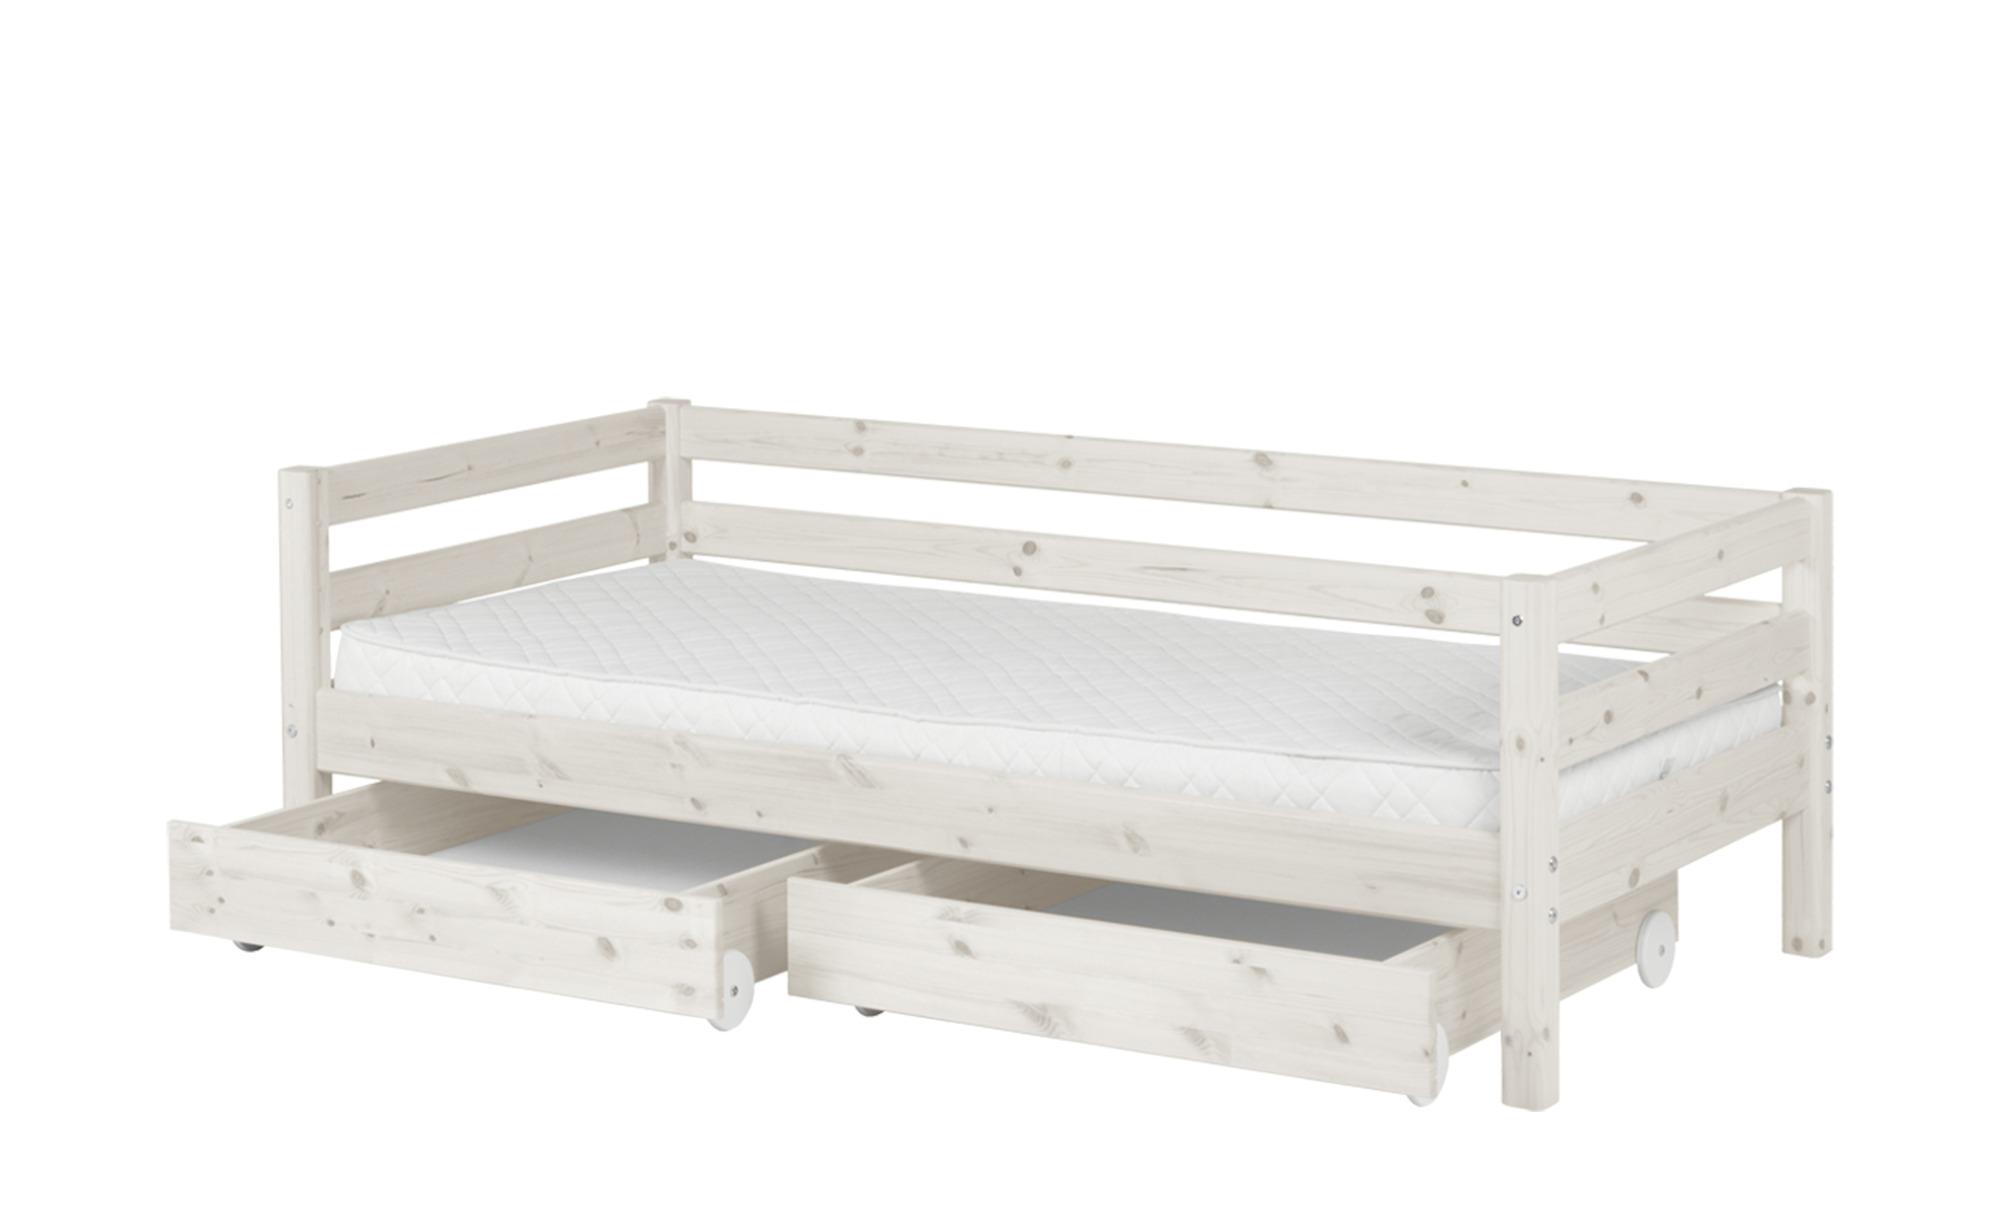 Full Size of Flexa Bett Mit 2 Schubladen 90x200 Wei Kiefer Classic Lattenrost Clinique Even Better Tojo Holz Konfigurieren Weißes Regal Betten Outlet Kopfteil Weiß Hohes Bett Bett 90x200 Weiß